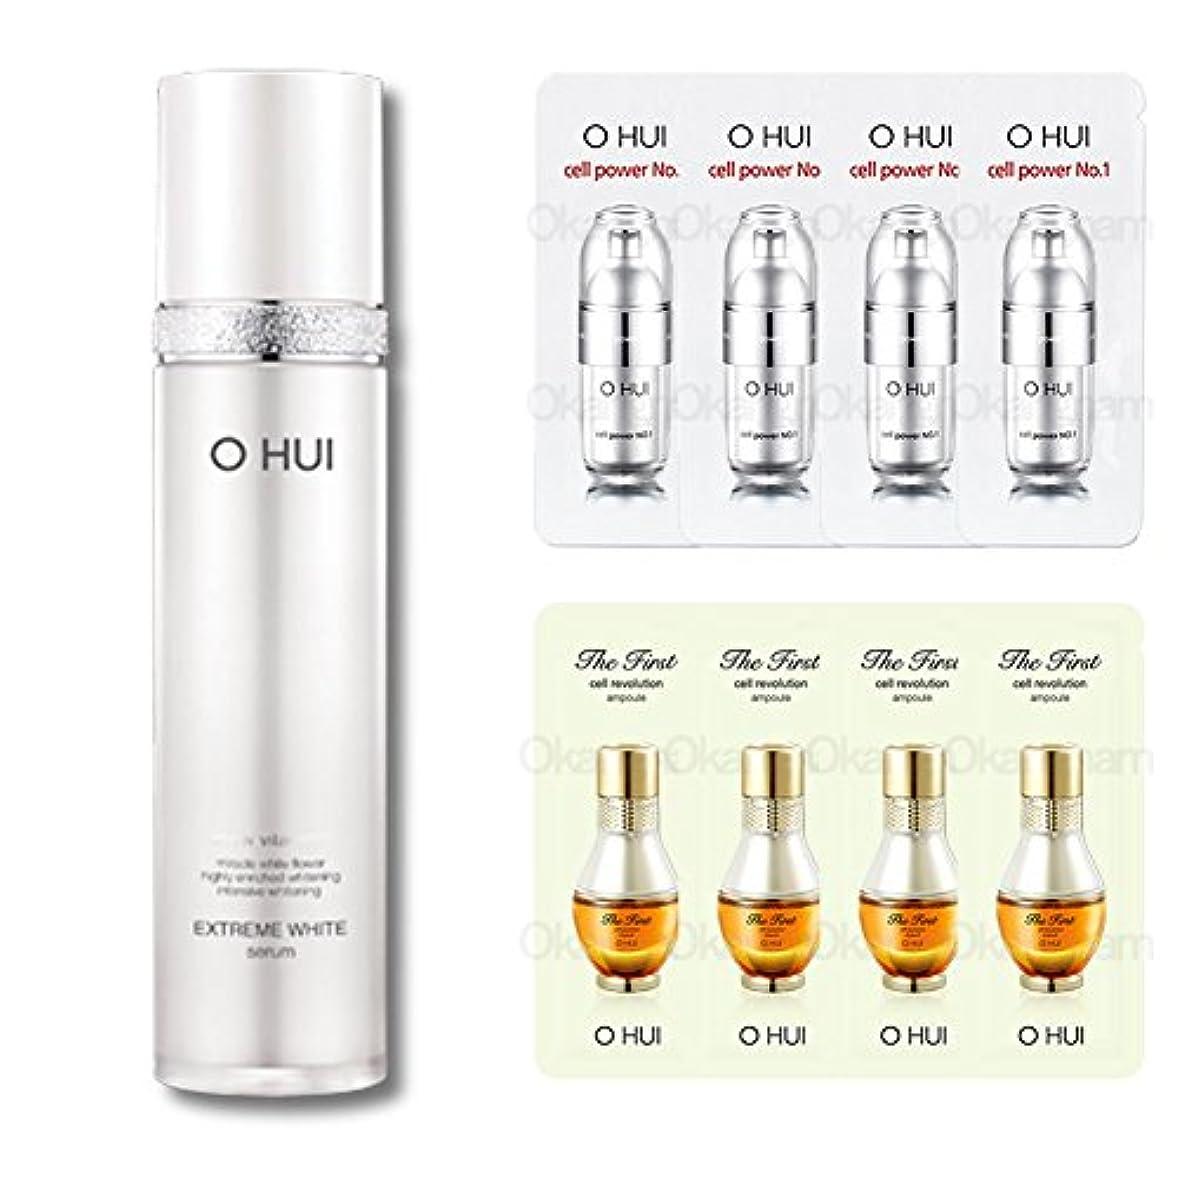 代表して分析的な自殺[オフィ/ O HUI]韓国化粧品 LG生活健康/ OHUI OEW03 EXTREME WHITE SERUM/オフィ エクストリーム ホワイトセラム 45ml【美容液】 +[Sample Gift](海外直送品)